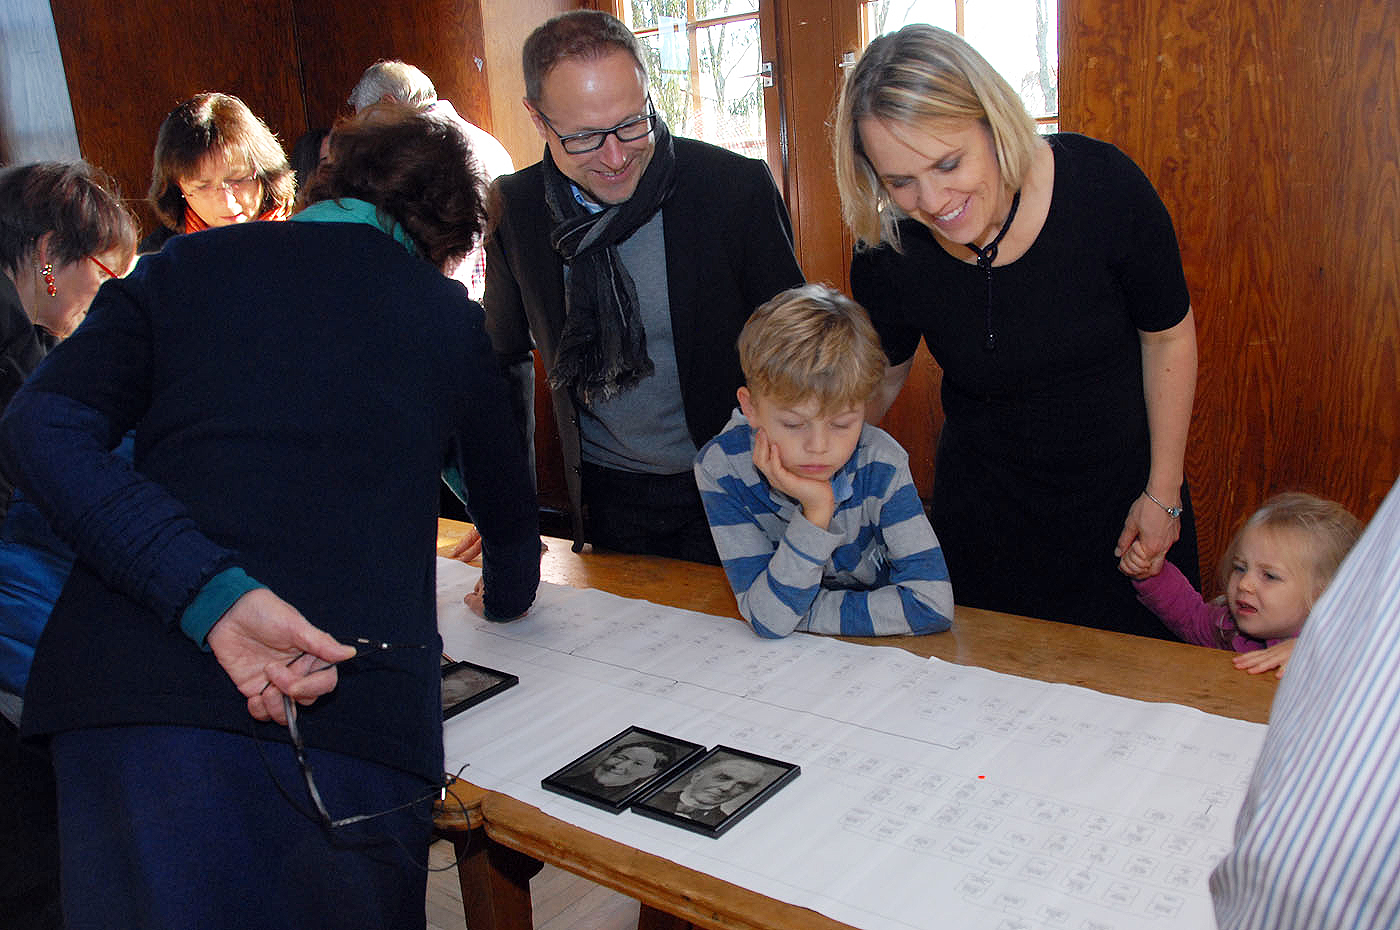 Den Ururururururur-Großvater auf der Spur: Jan Bräuninger (10, Biberach) findet Gottlob Bräuninger, den Pächter vom Einsiedel.